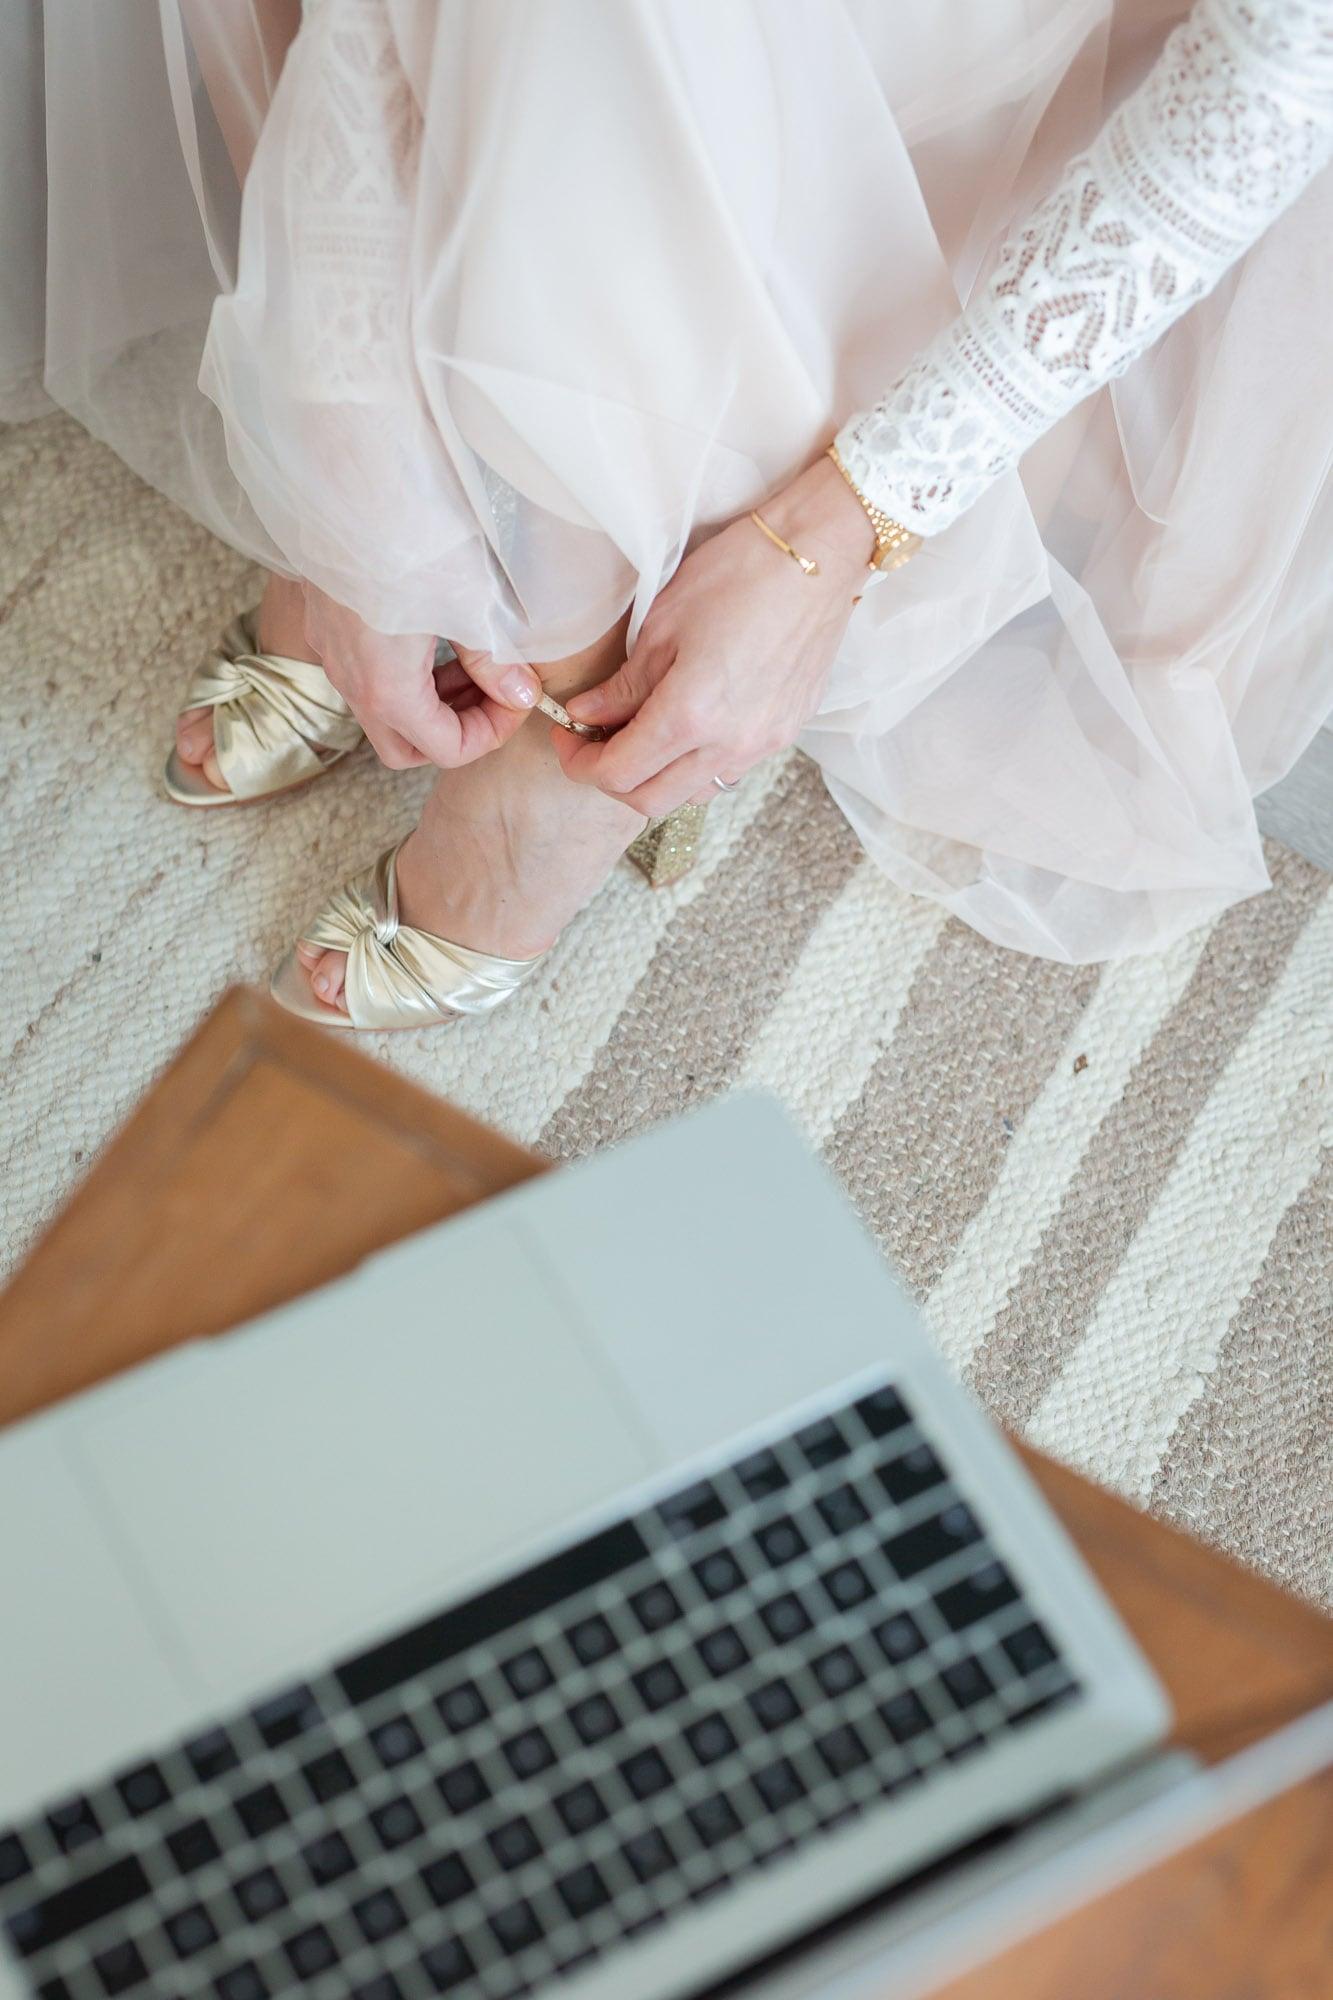 noni Brautkleid kaufen, Moodbild, Frau in Wohnzimmer bei Brautkleid-Anprobe Zuhause